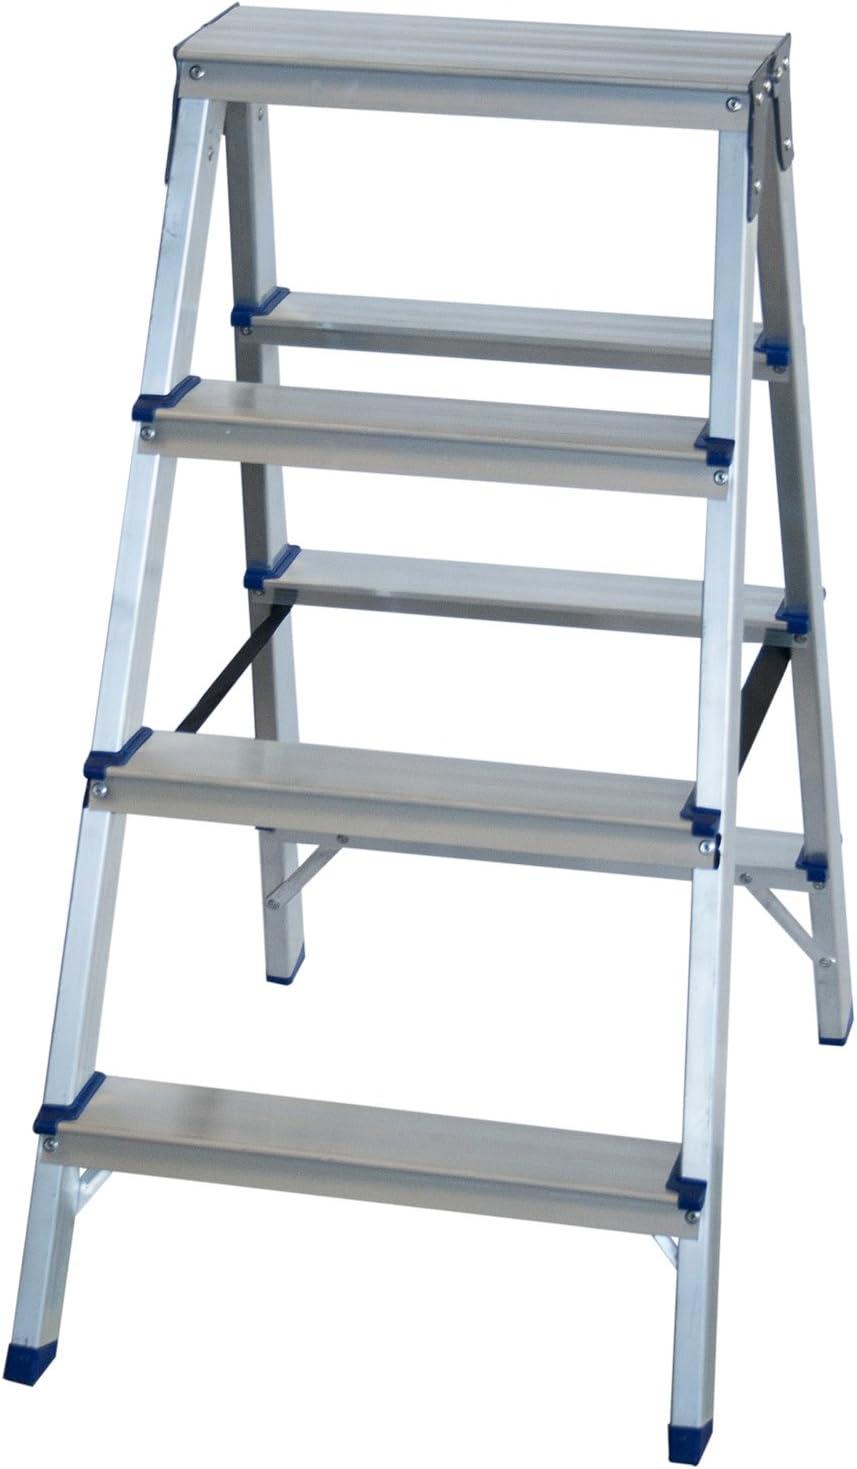 Arcama TD04 Escalera tijera, 4 x 2 peldaños: Amazon.es: Bricolaje y herramientas